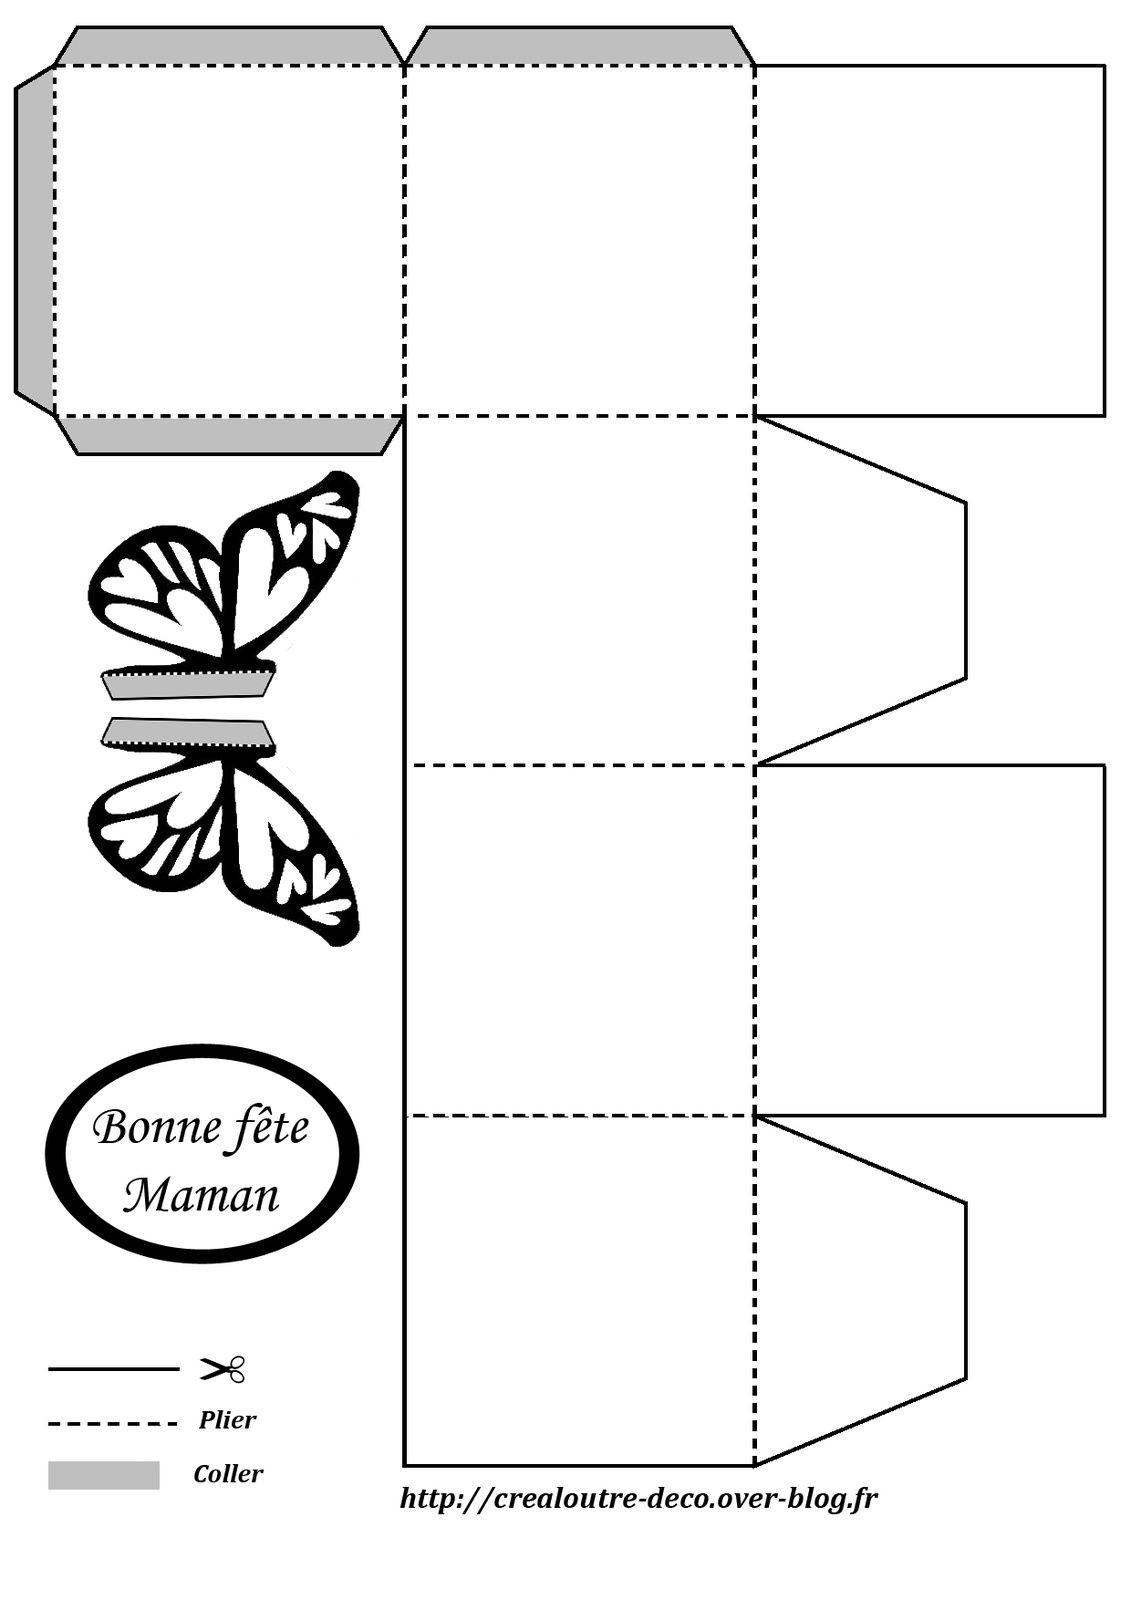 Tuto Boîte Papillon Pour Fête Des Mères Crealoutre